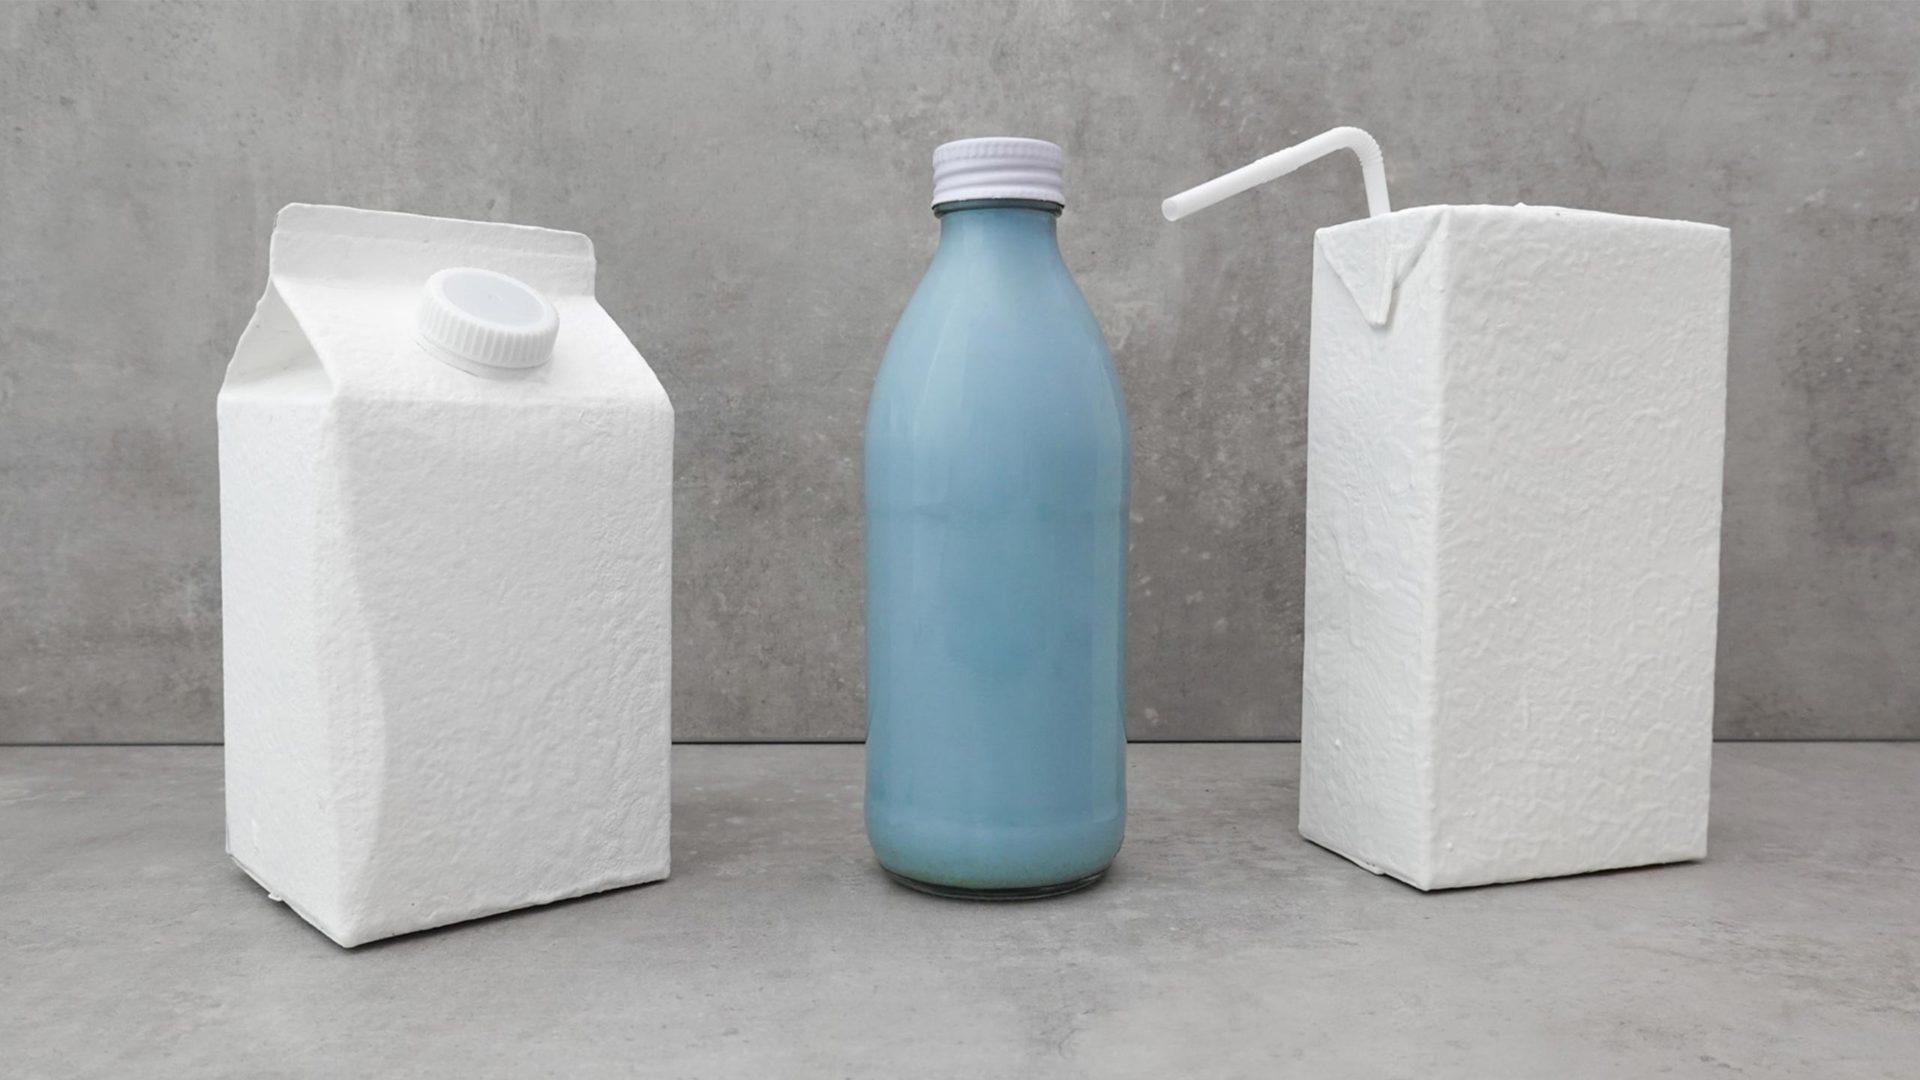 Zwei klassische weiße PET-Verpackungen mit einer blauen Glasflasche in der Mitte